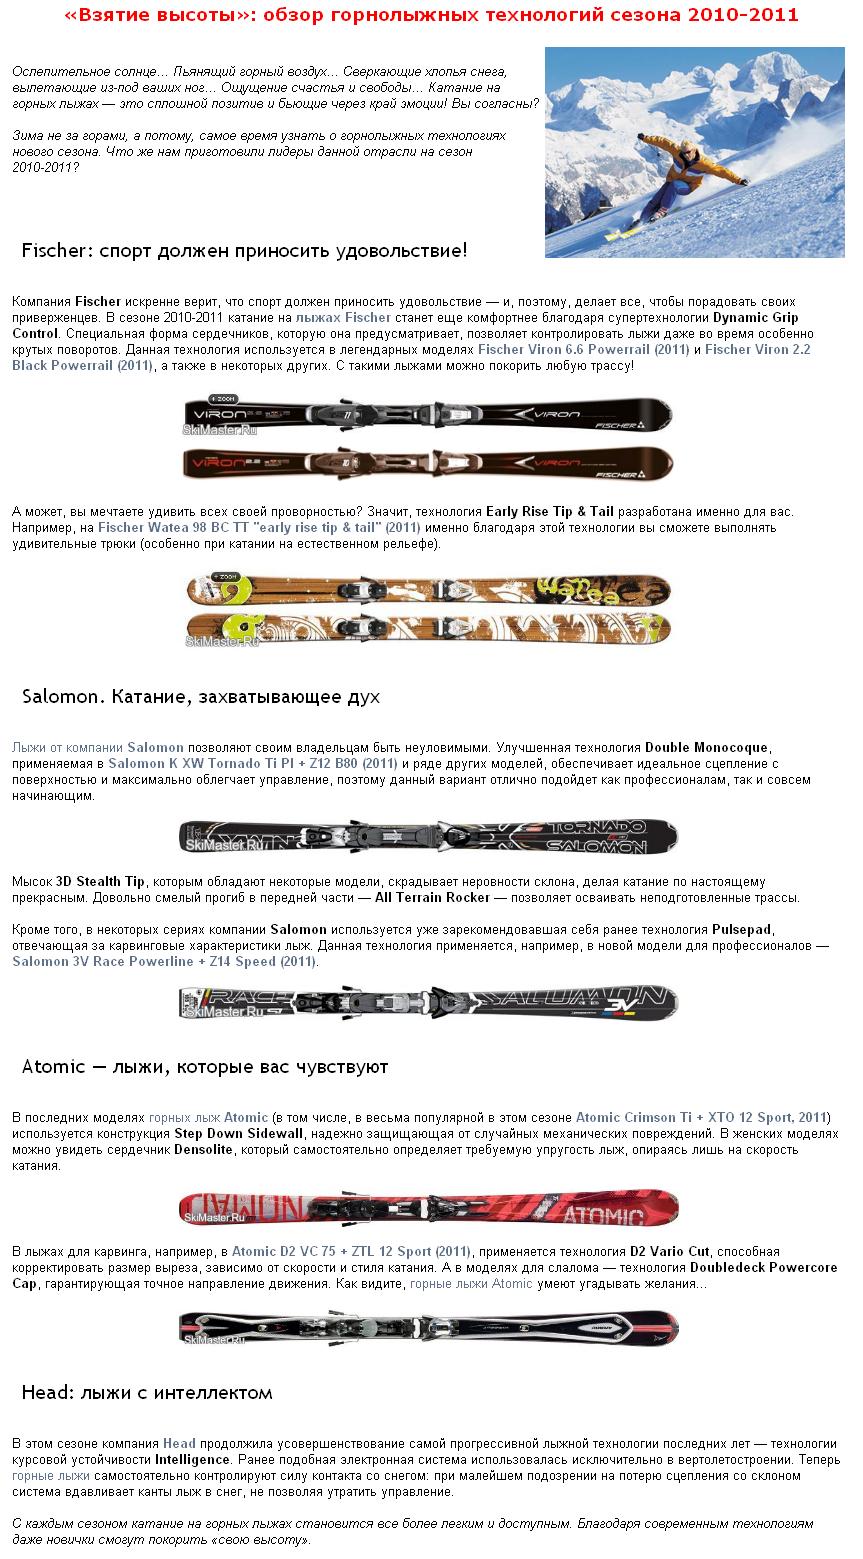 Обзор горнолыжных технологий сезона 2011